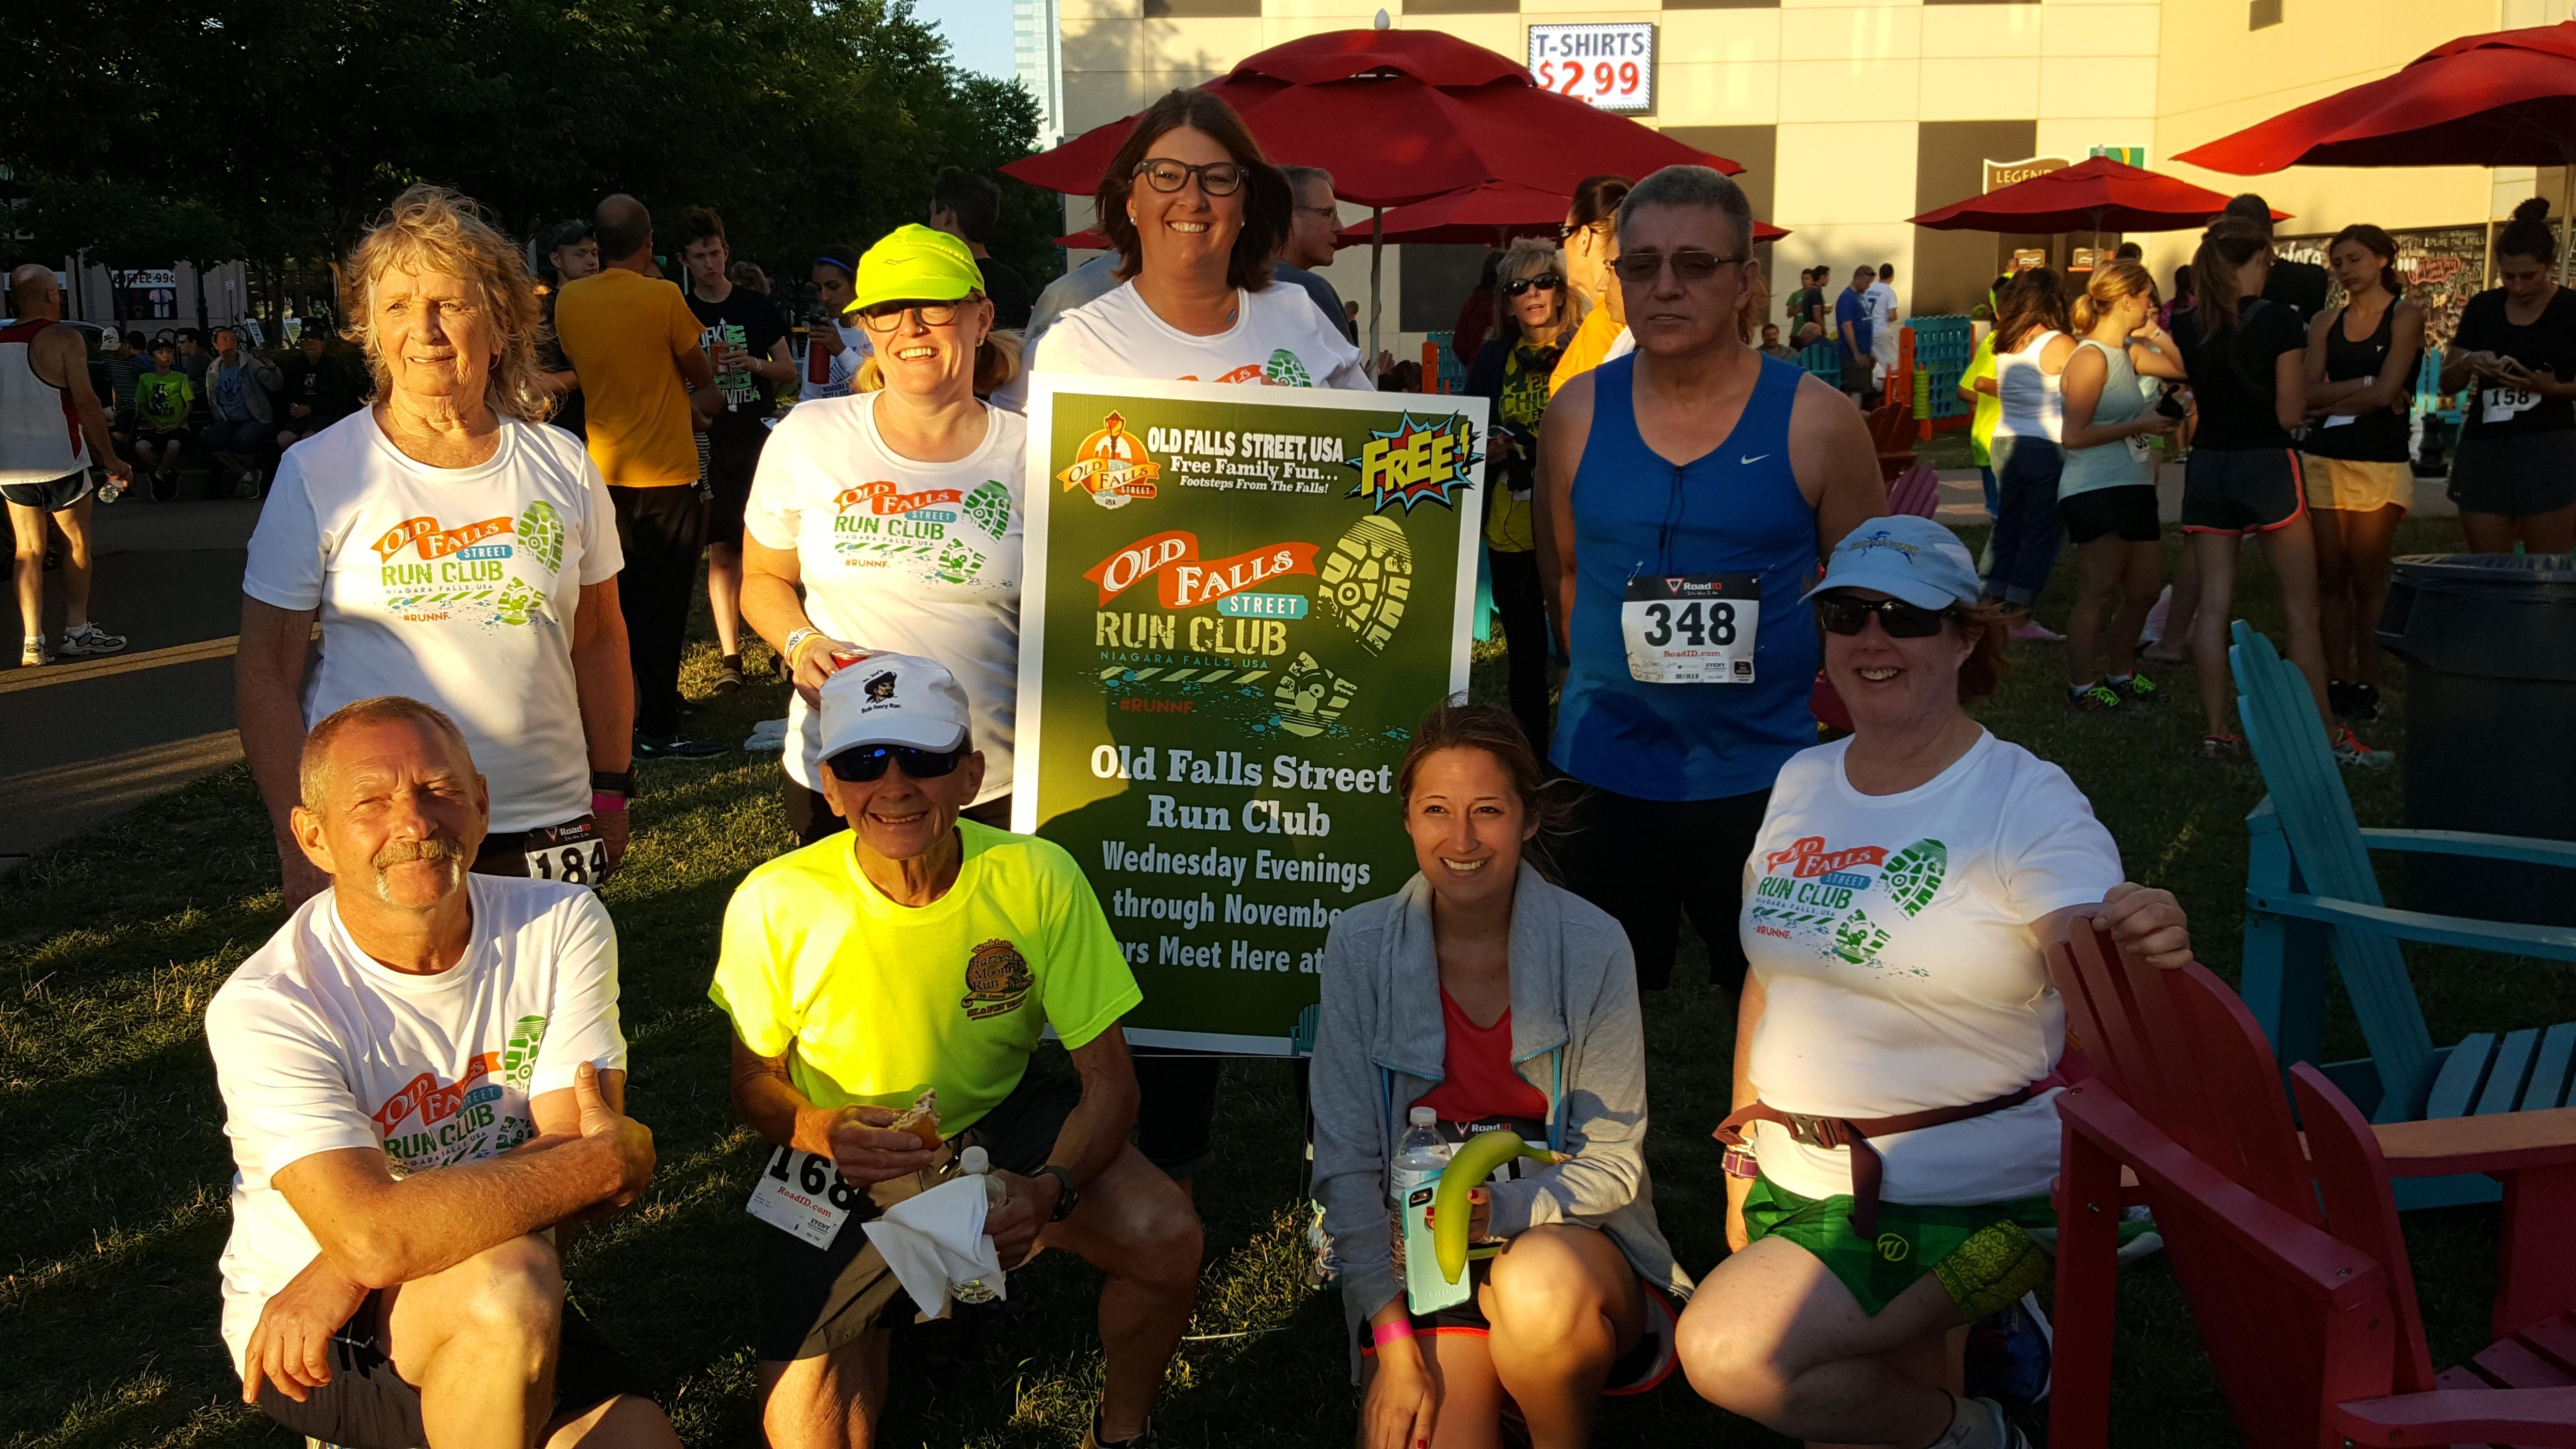 Tracey Maciejewski, left, and Jessica Stankiewicz at the Old Falls Street Running Club.